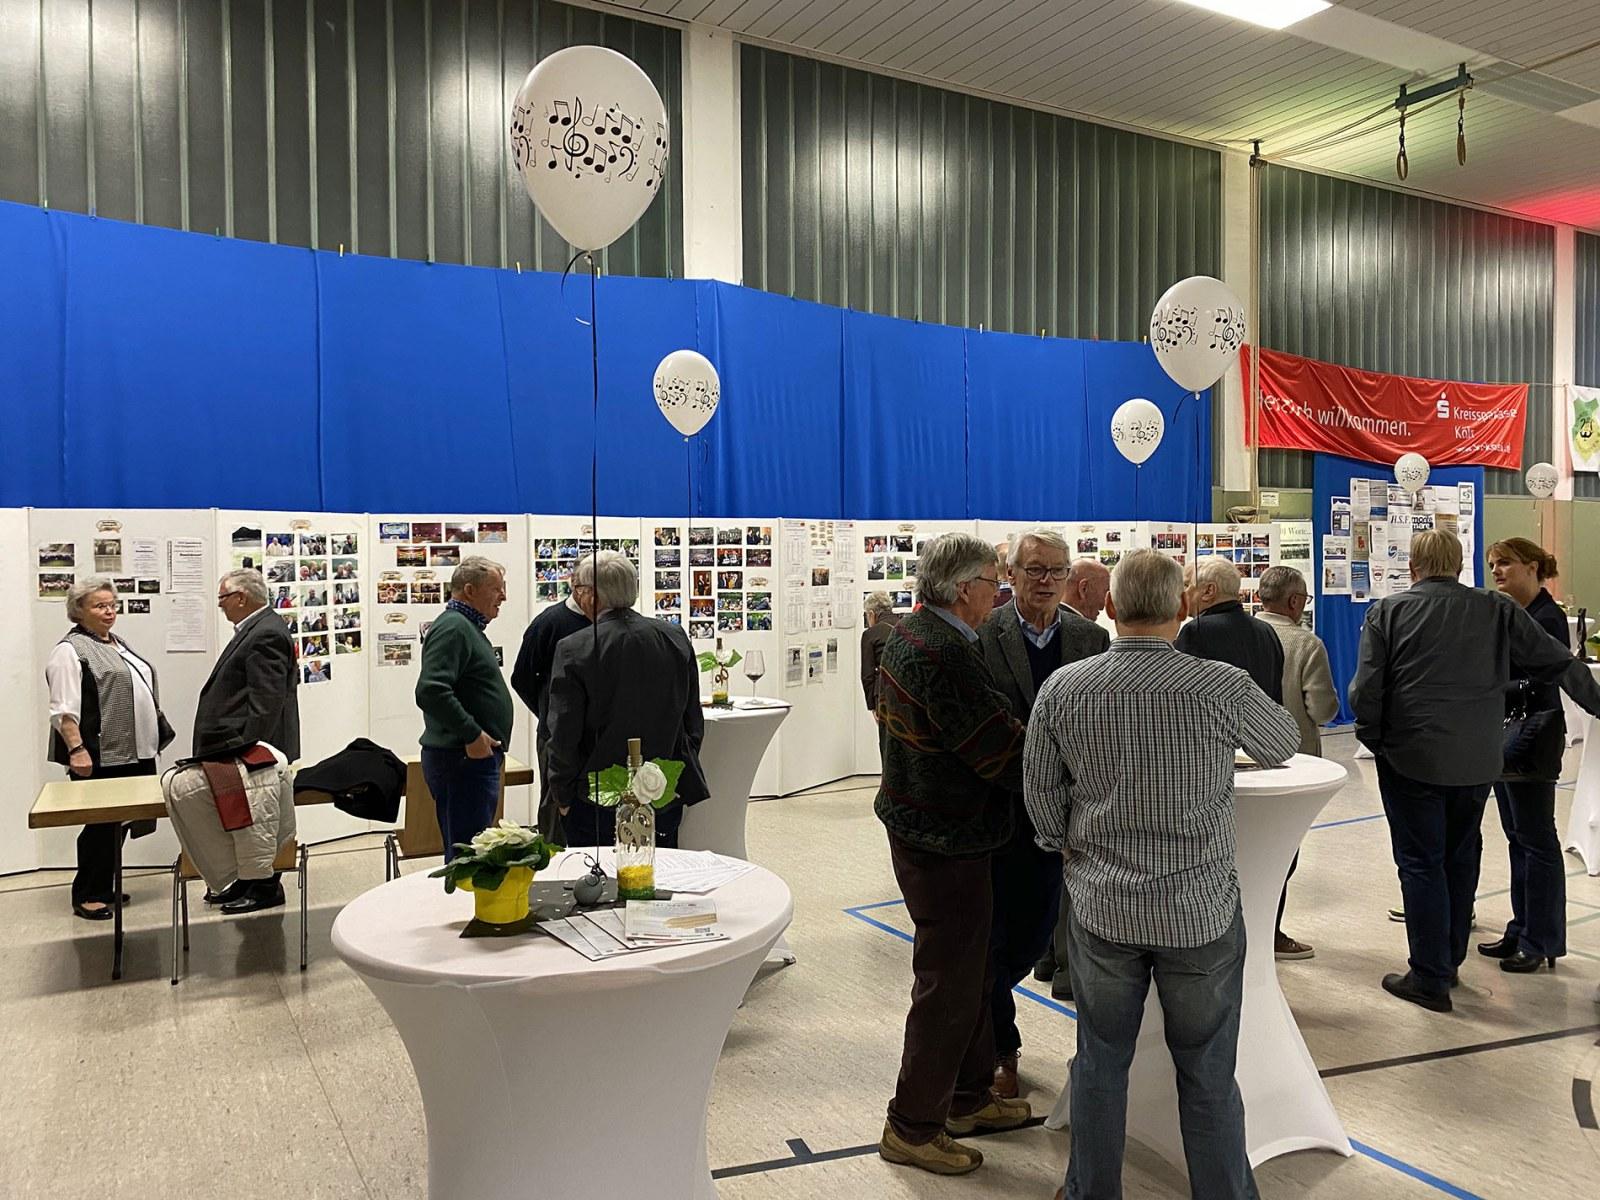 20200117-Eroeffnung-der-Fotoausstellung-zu-90-Jahre-MGV-Quartettverein-Foto054